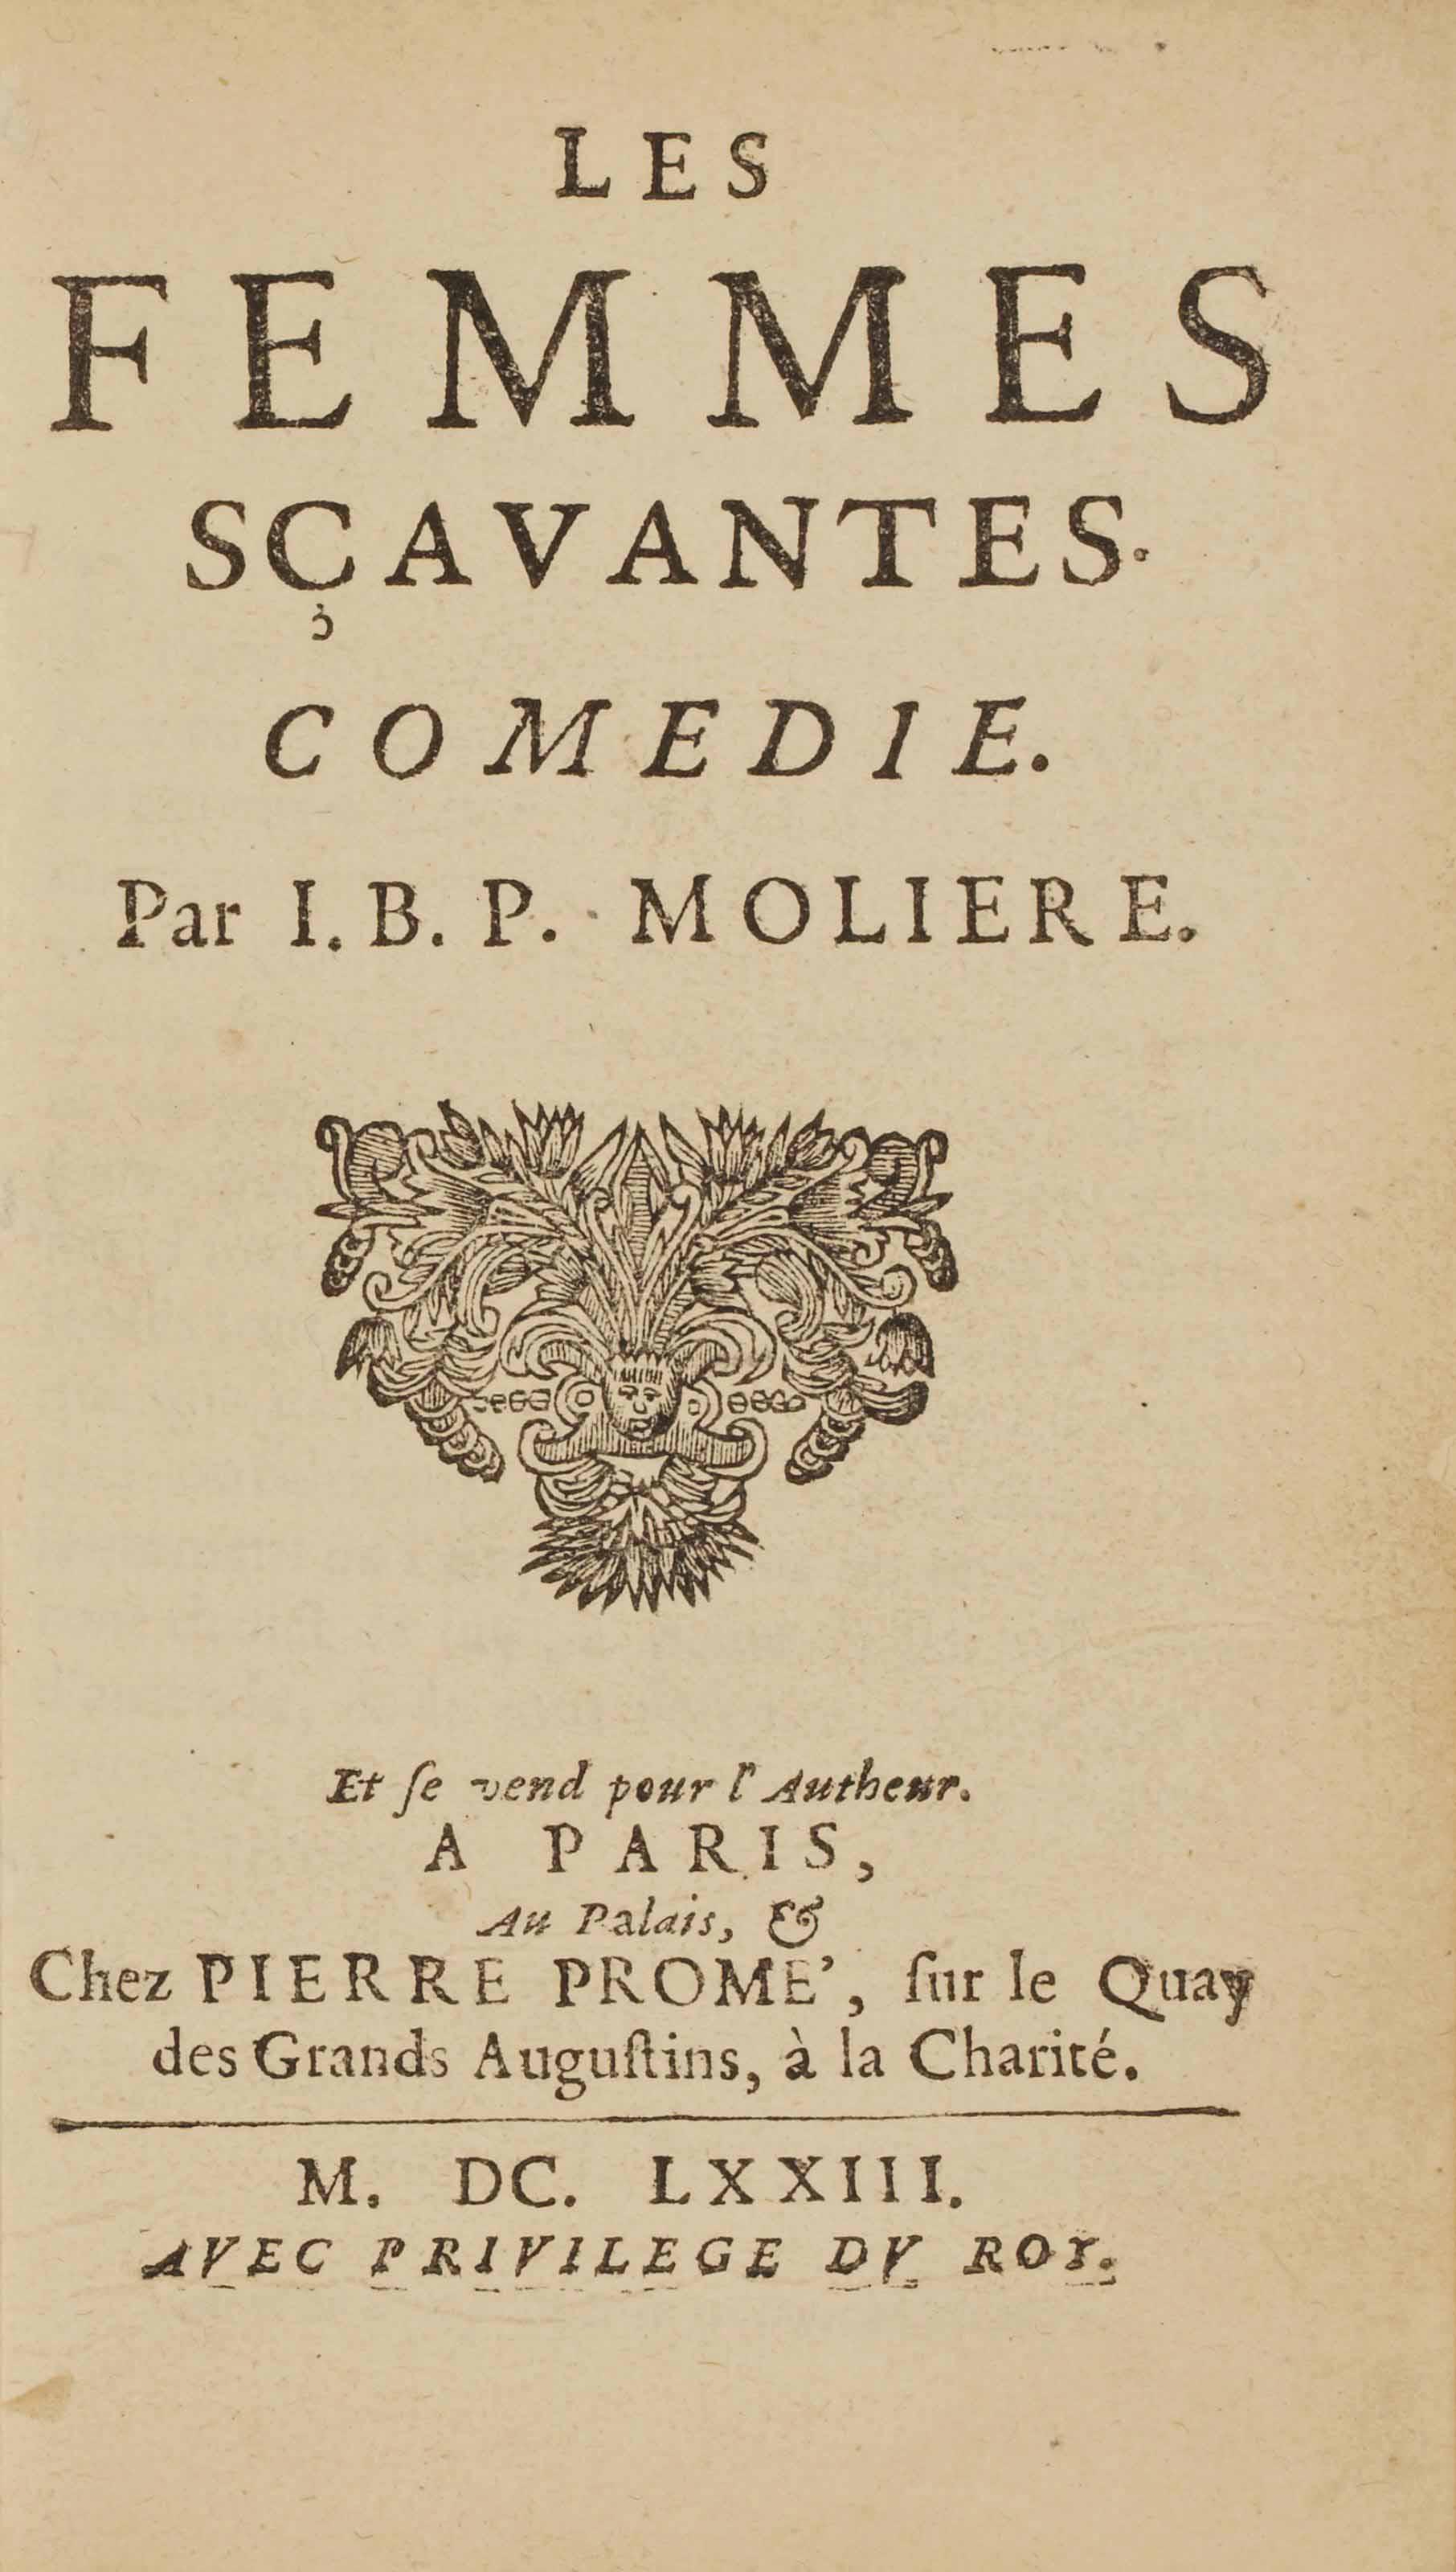 MOLIÈRE (1622-1673). Les Femmes scavantes. Paris: Pierre Promé, 1673. In-12 (145 x 90 mm). Reliure du XIXe siècle, maroquin rouge, dos à nerfs, filet doré sur les coupes, dentelle intérieure dorée, tranches dorées.